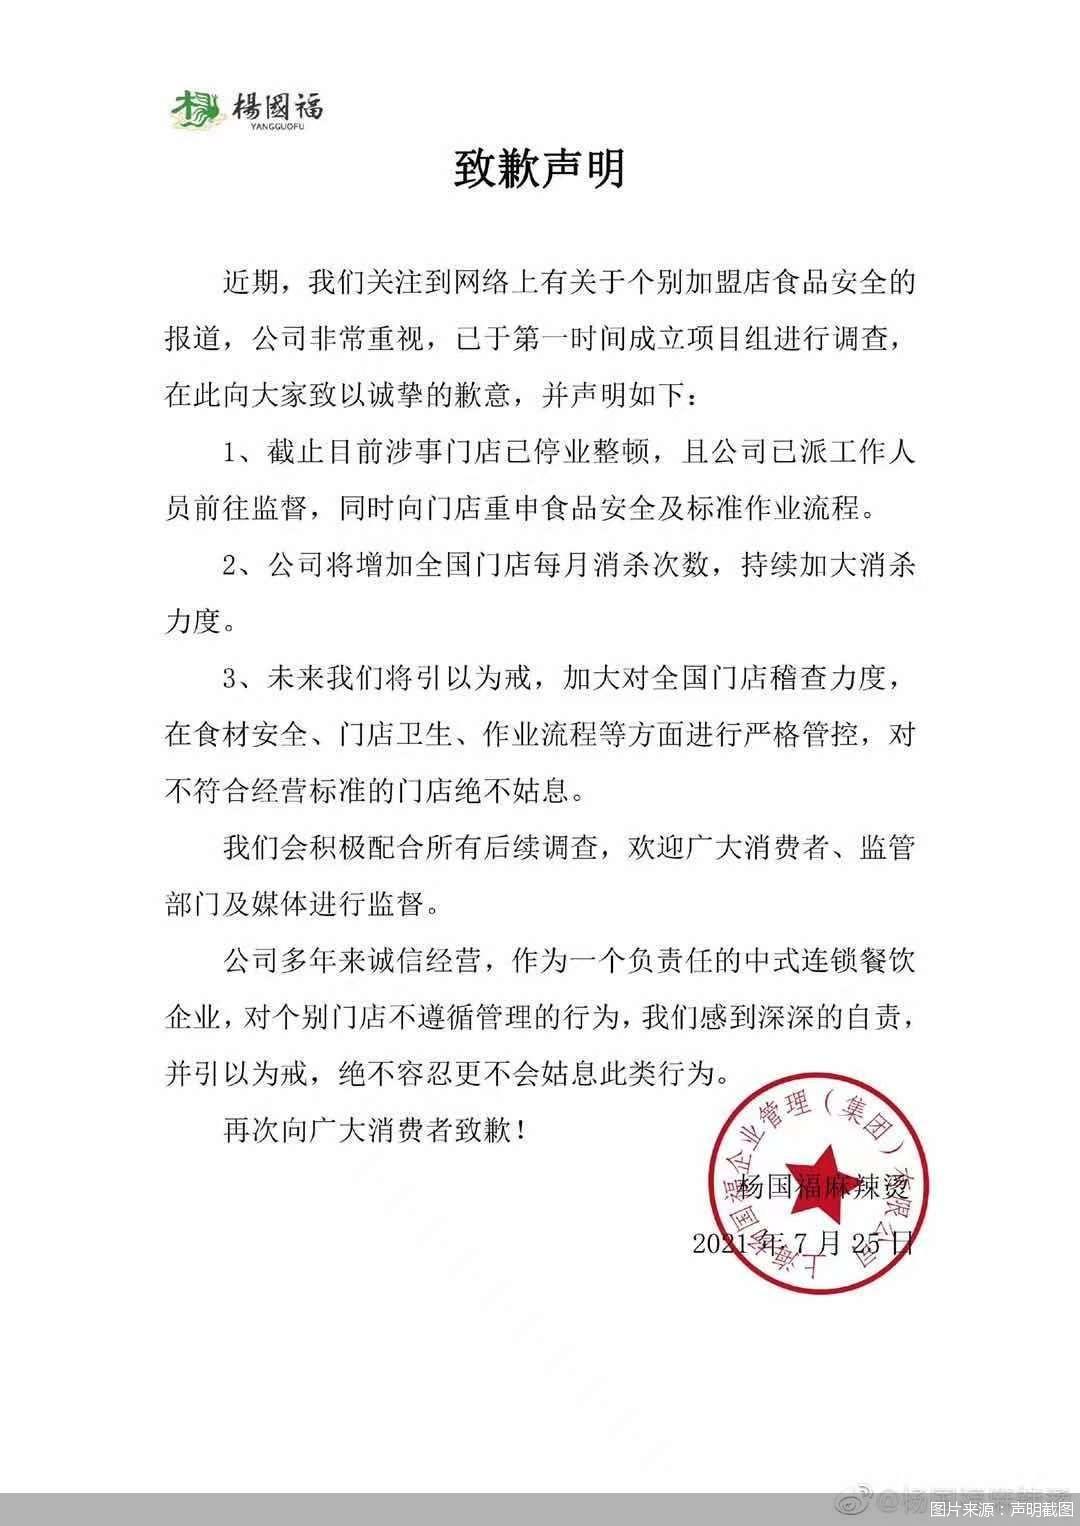 杨国福麻辣烫发布致歉声明 涉事门店已经停业整顿